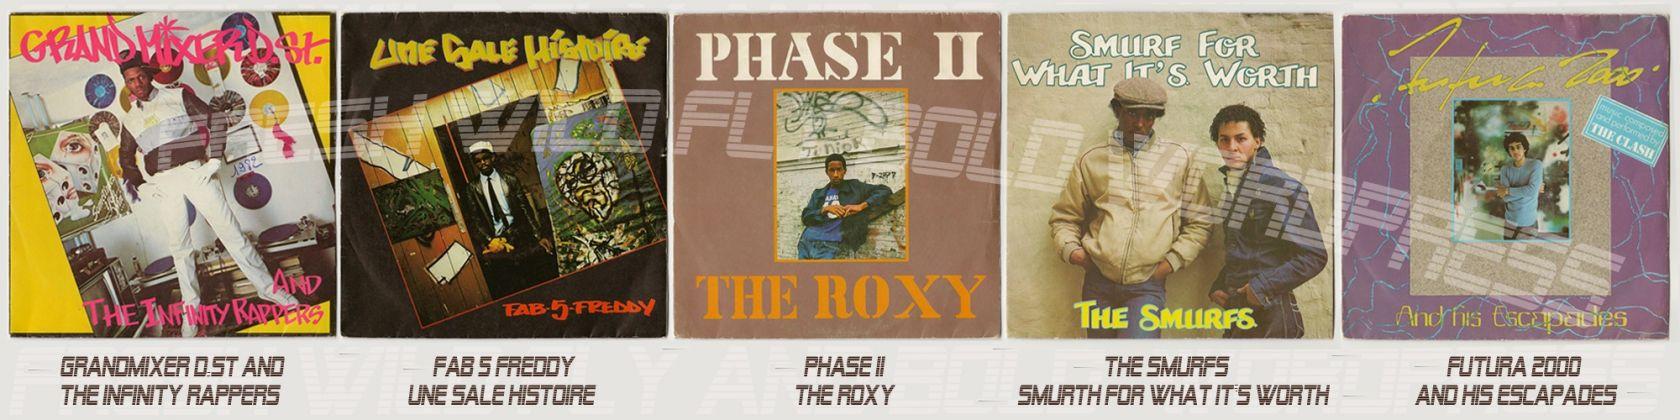 Un vecchio vinile di Phase II, The Roxy